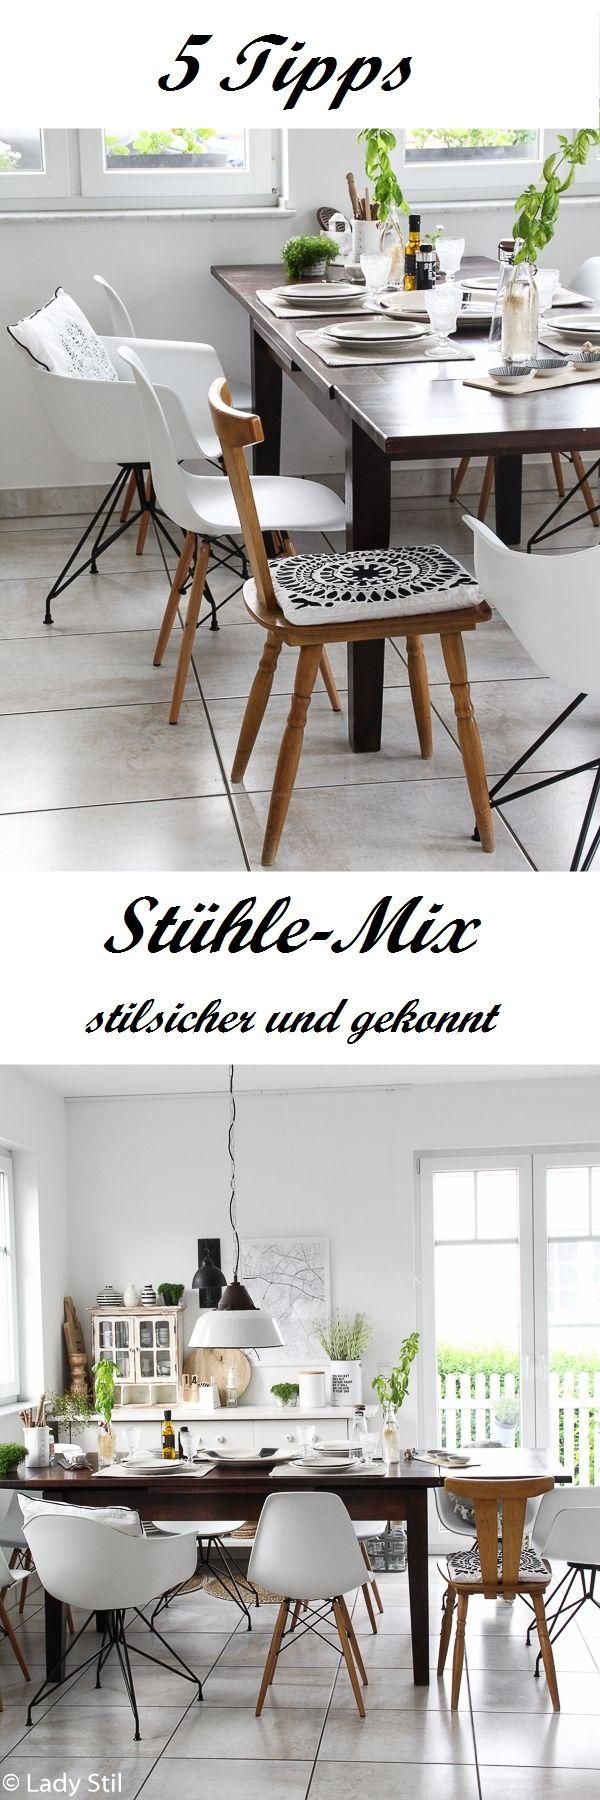 Die 5 besten Tipps für den Stühle-Mix! Unterschiedliche Stühle kombinieren leicht gemacht!